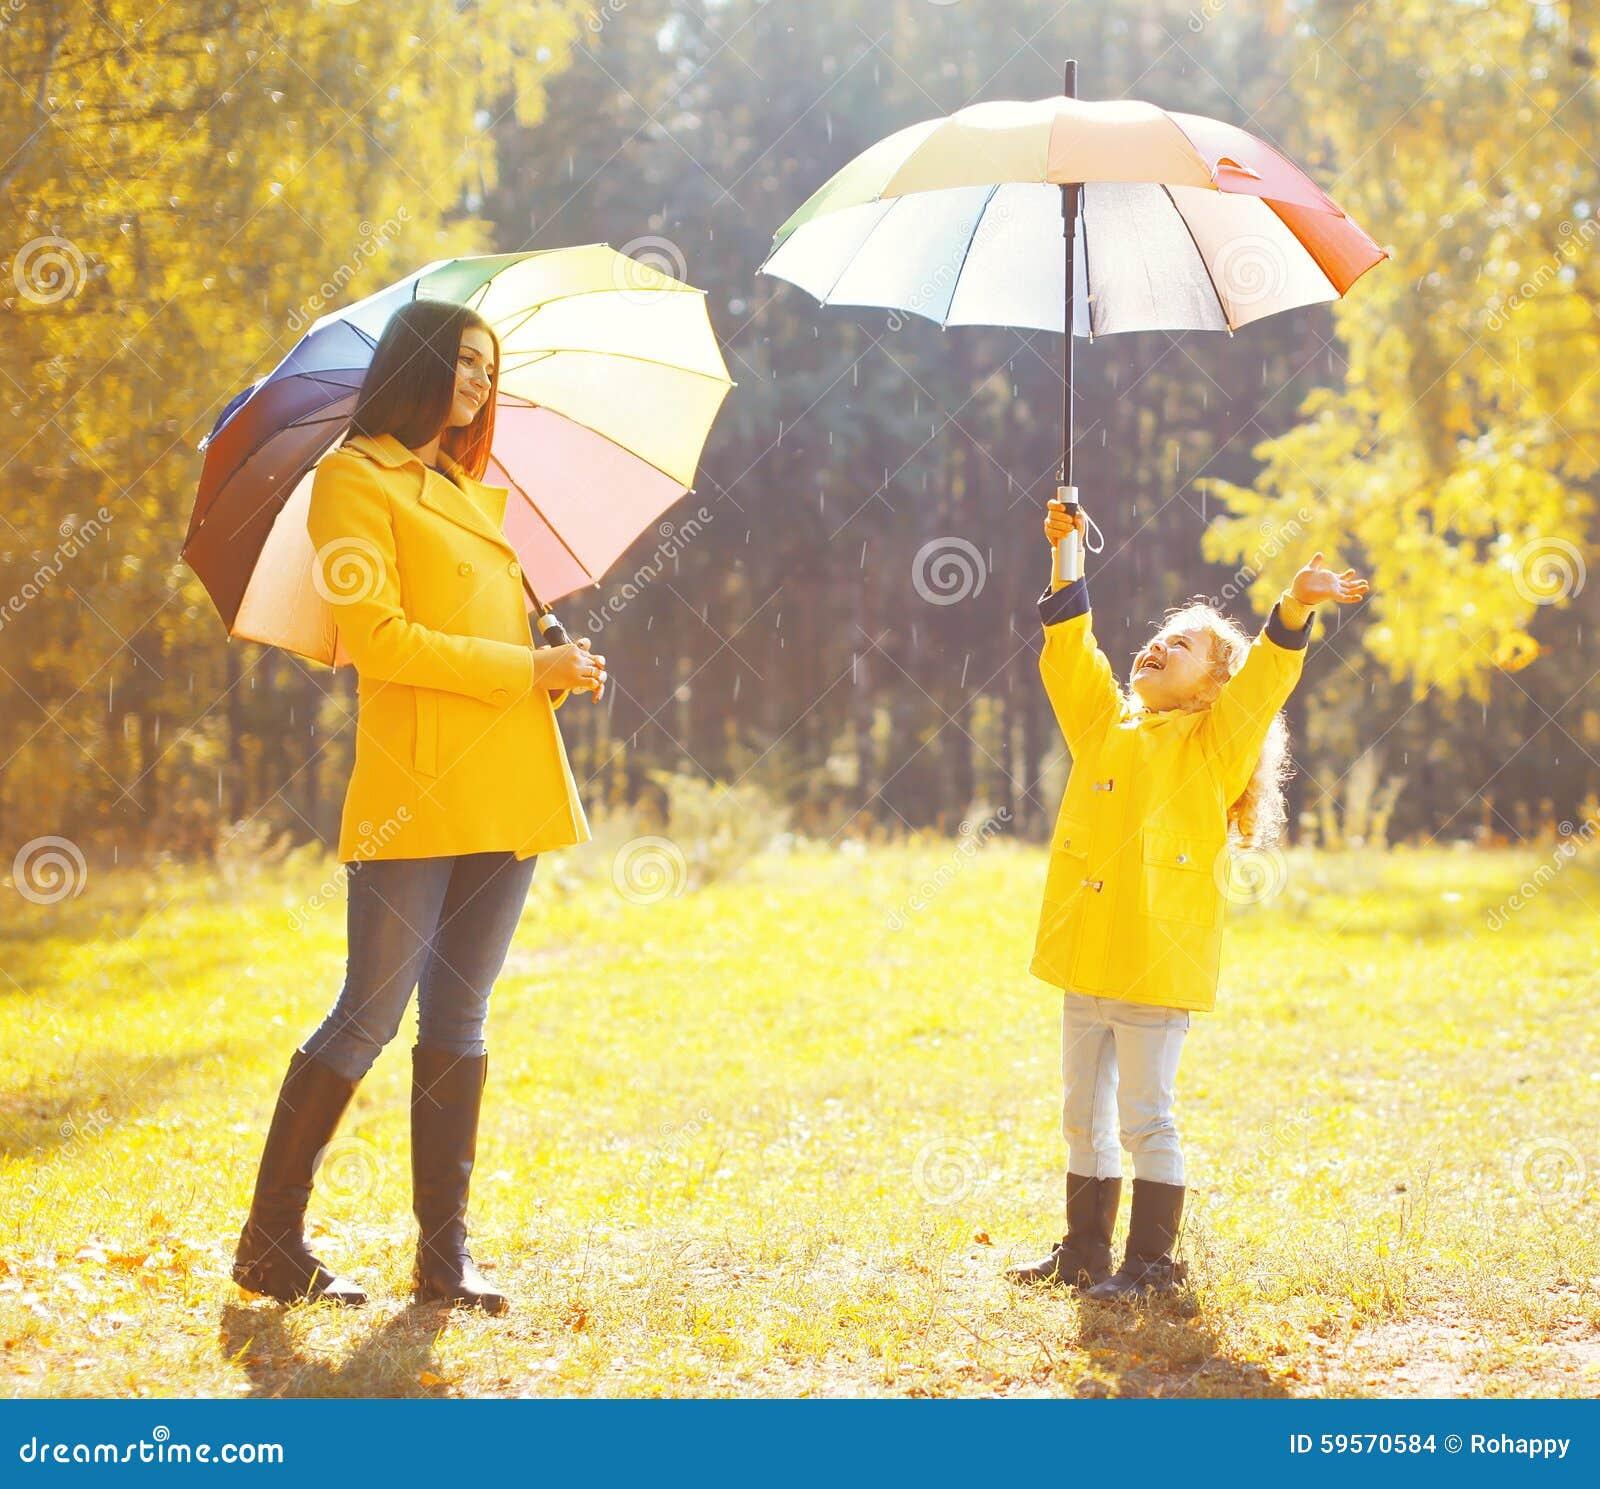 Happy Rainy Day: Happy Family With Umbrellas In Sunny Autumn Rainy Day